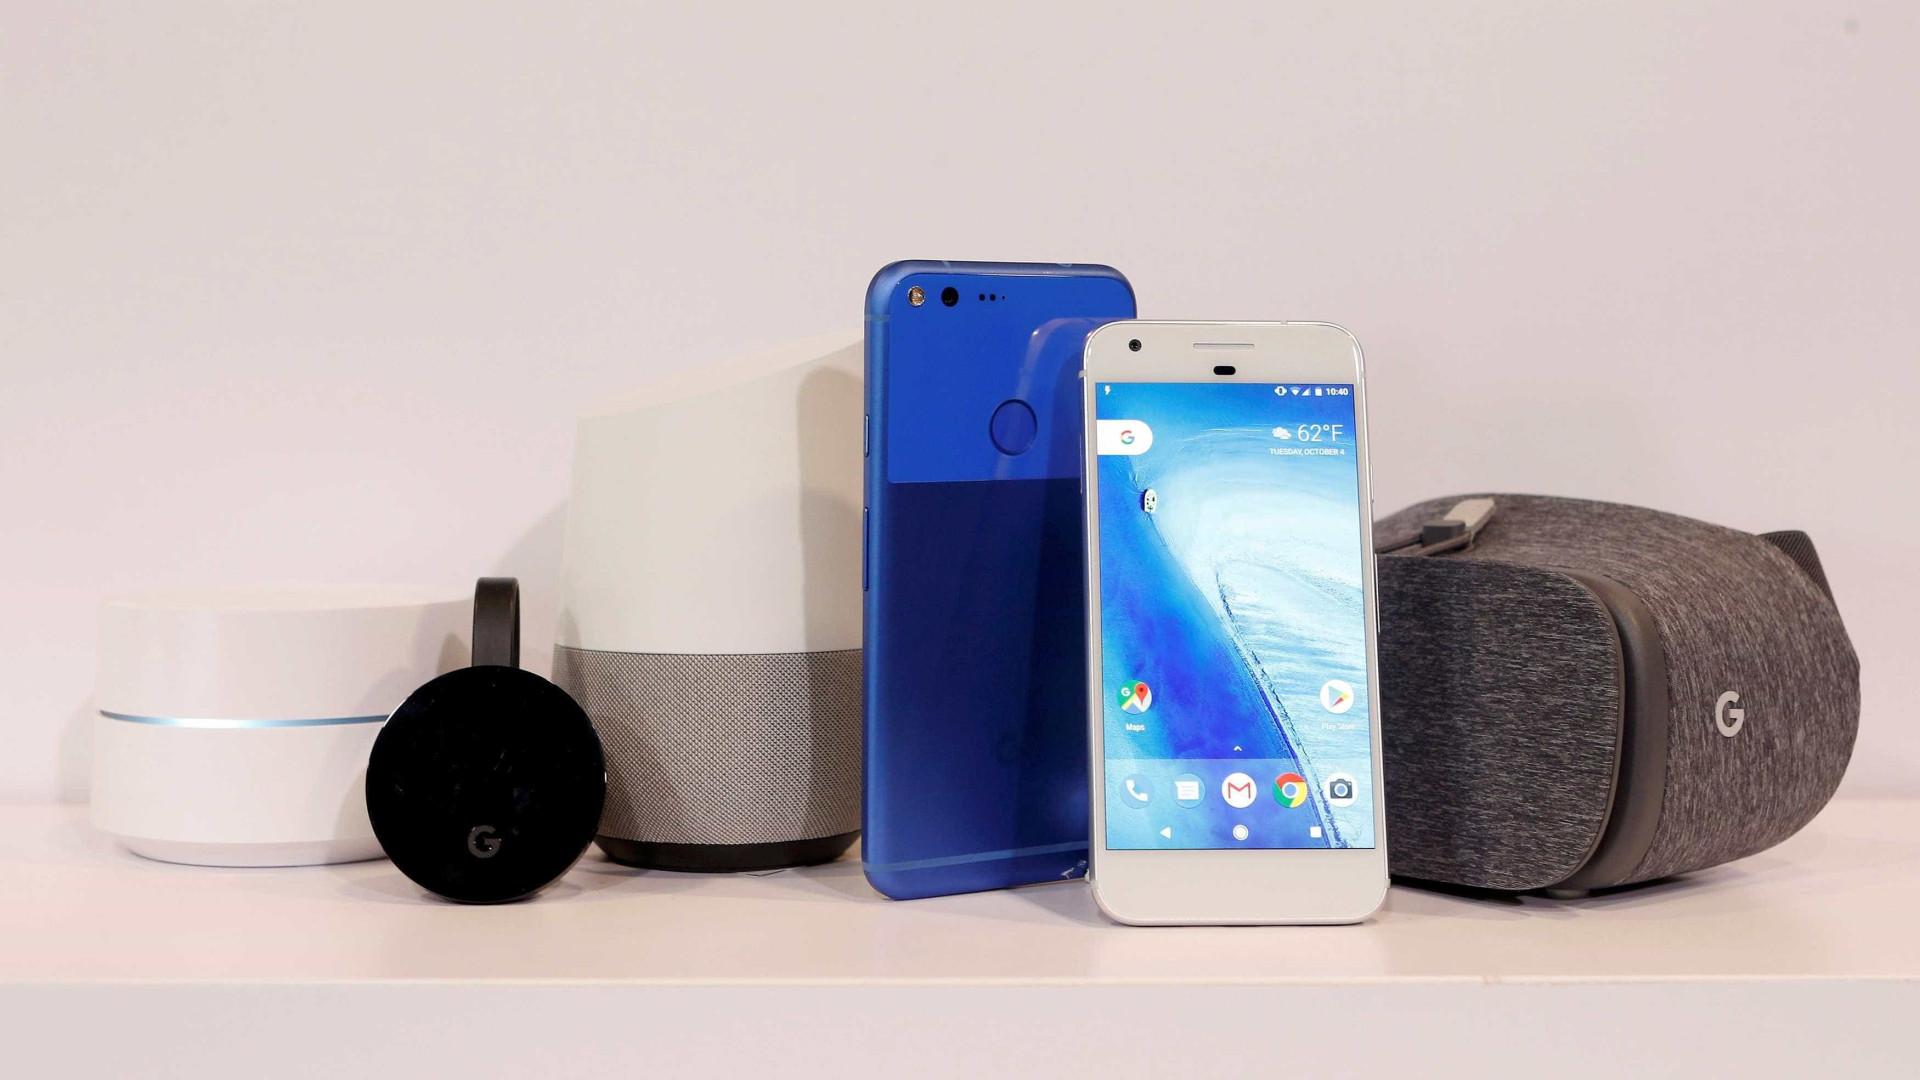 Já se sabe quem está a ajudar a Google com o Pixel 2 XL